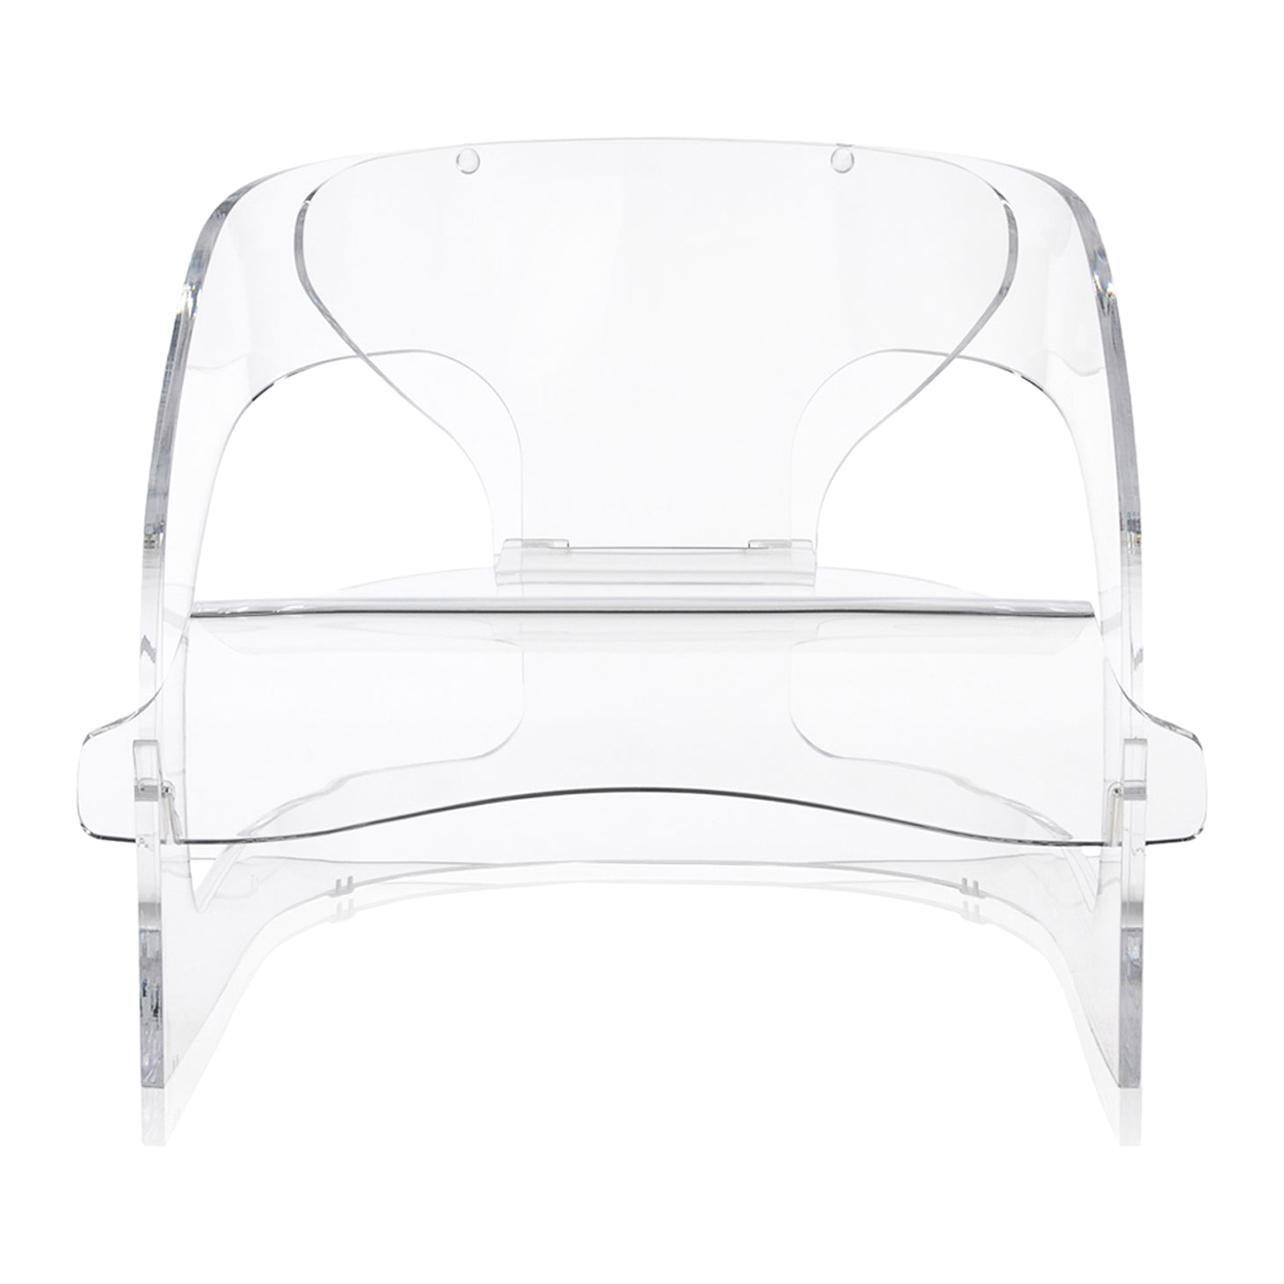 Kartell Joe Colombo Chair in Crystal by Joe Colombo